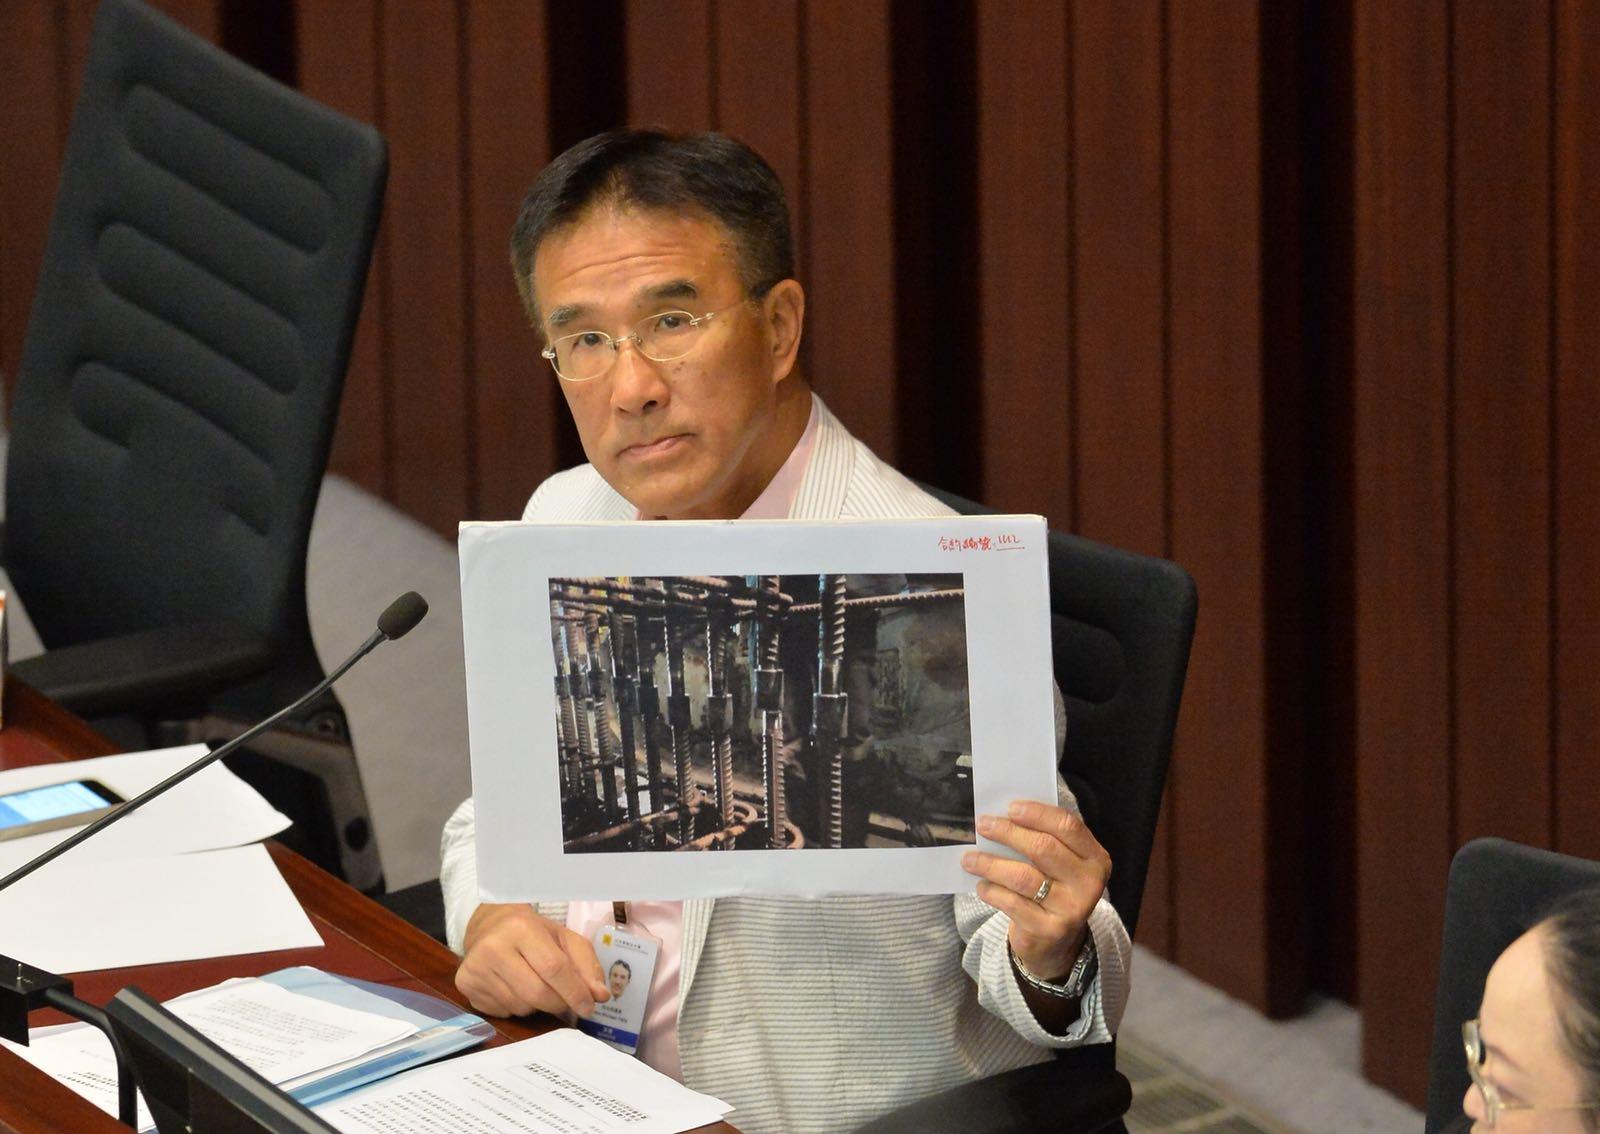 田北辰提醒議員提問時盡量中性。